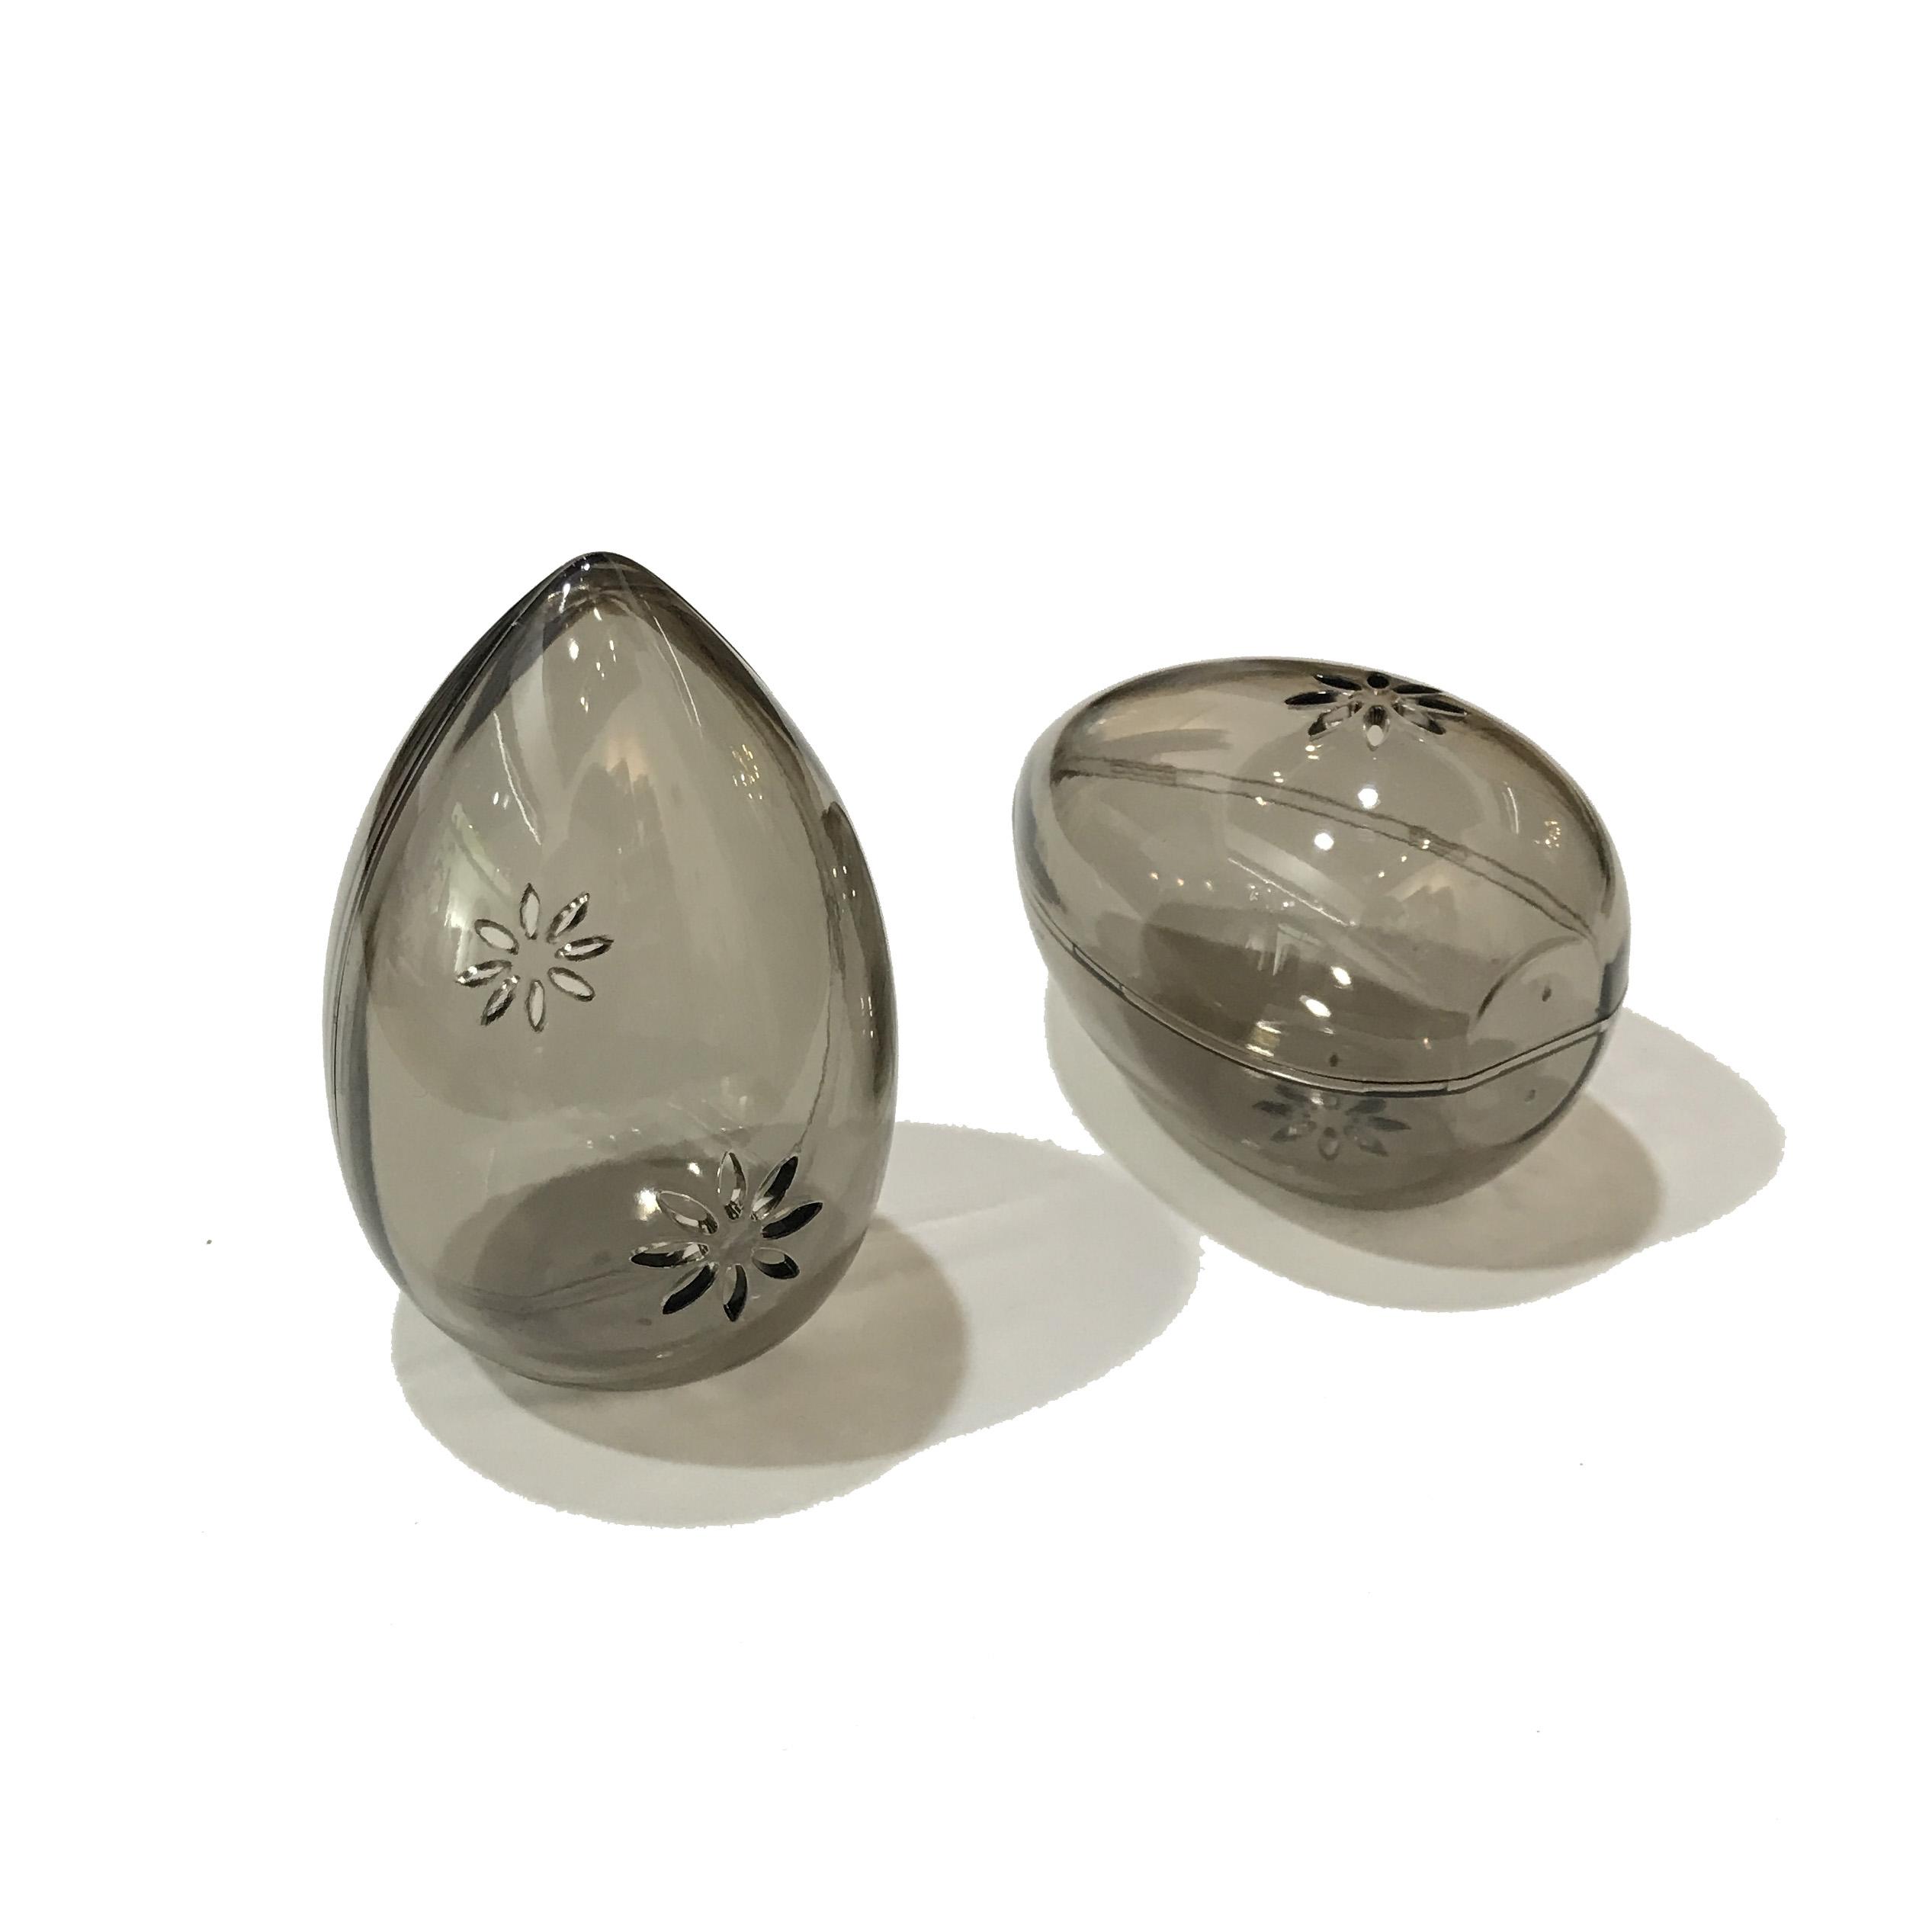 蛋壳。居家旅行必备透灰色透气防发霉用美妆蛋保护蛋壳PS塑料加厚